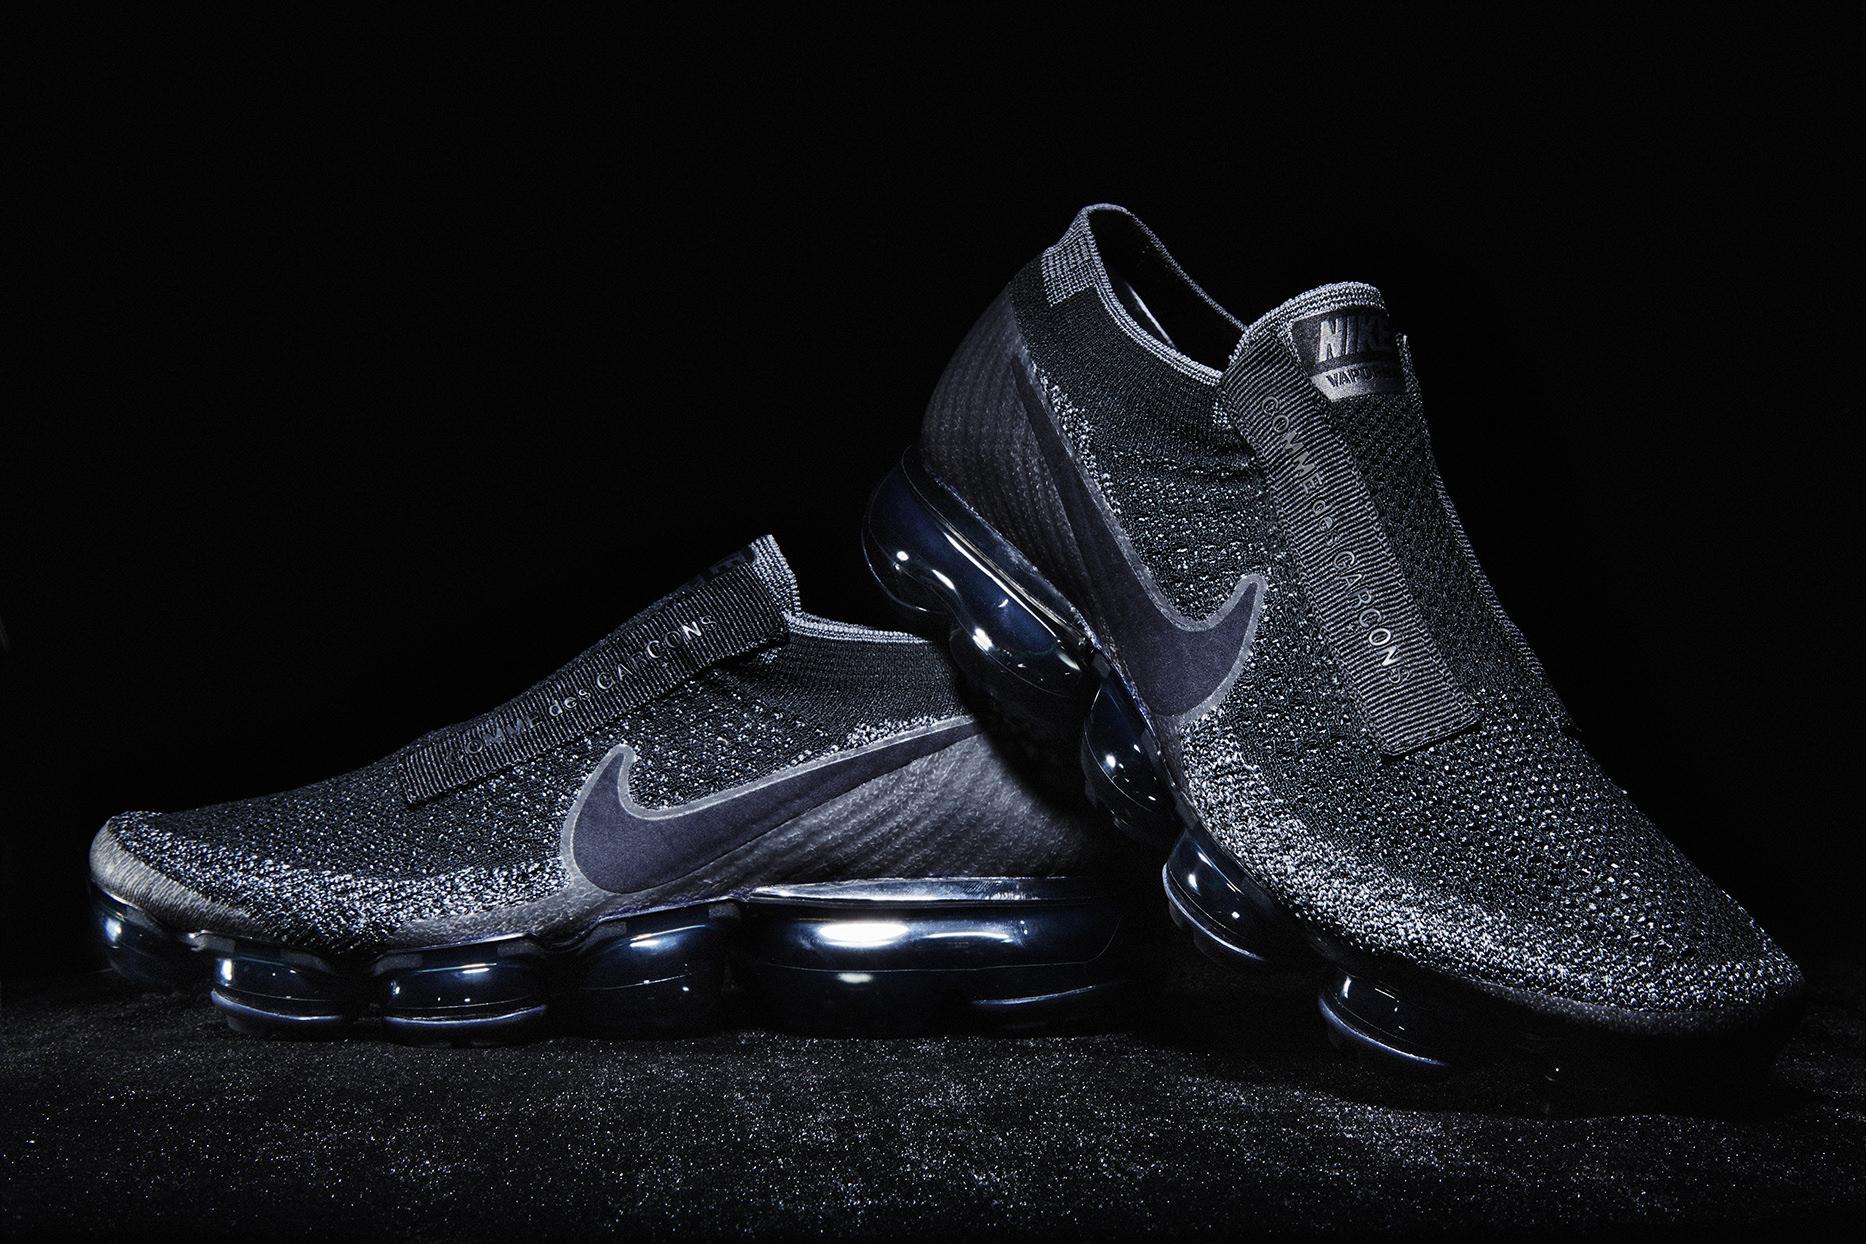 57f5af3959edbc27171237c1_Nike_VaporMax_for_Comme_des_Garcons_11_original